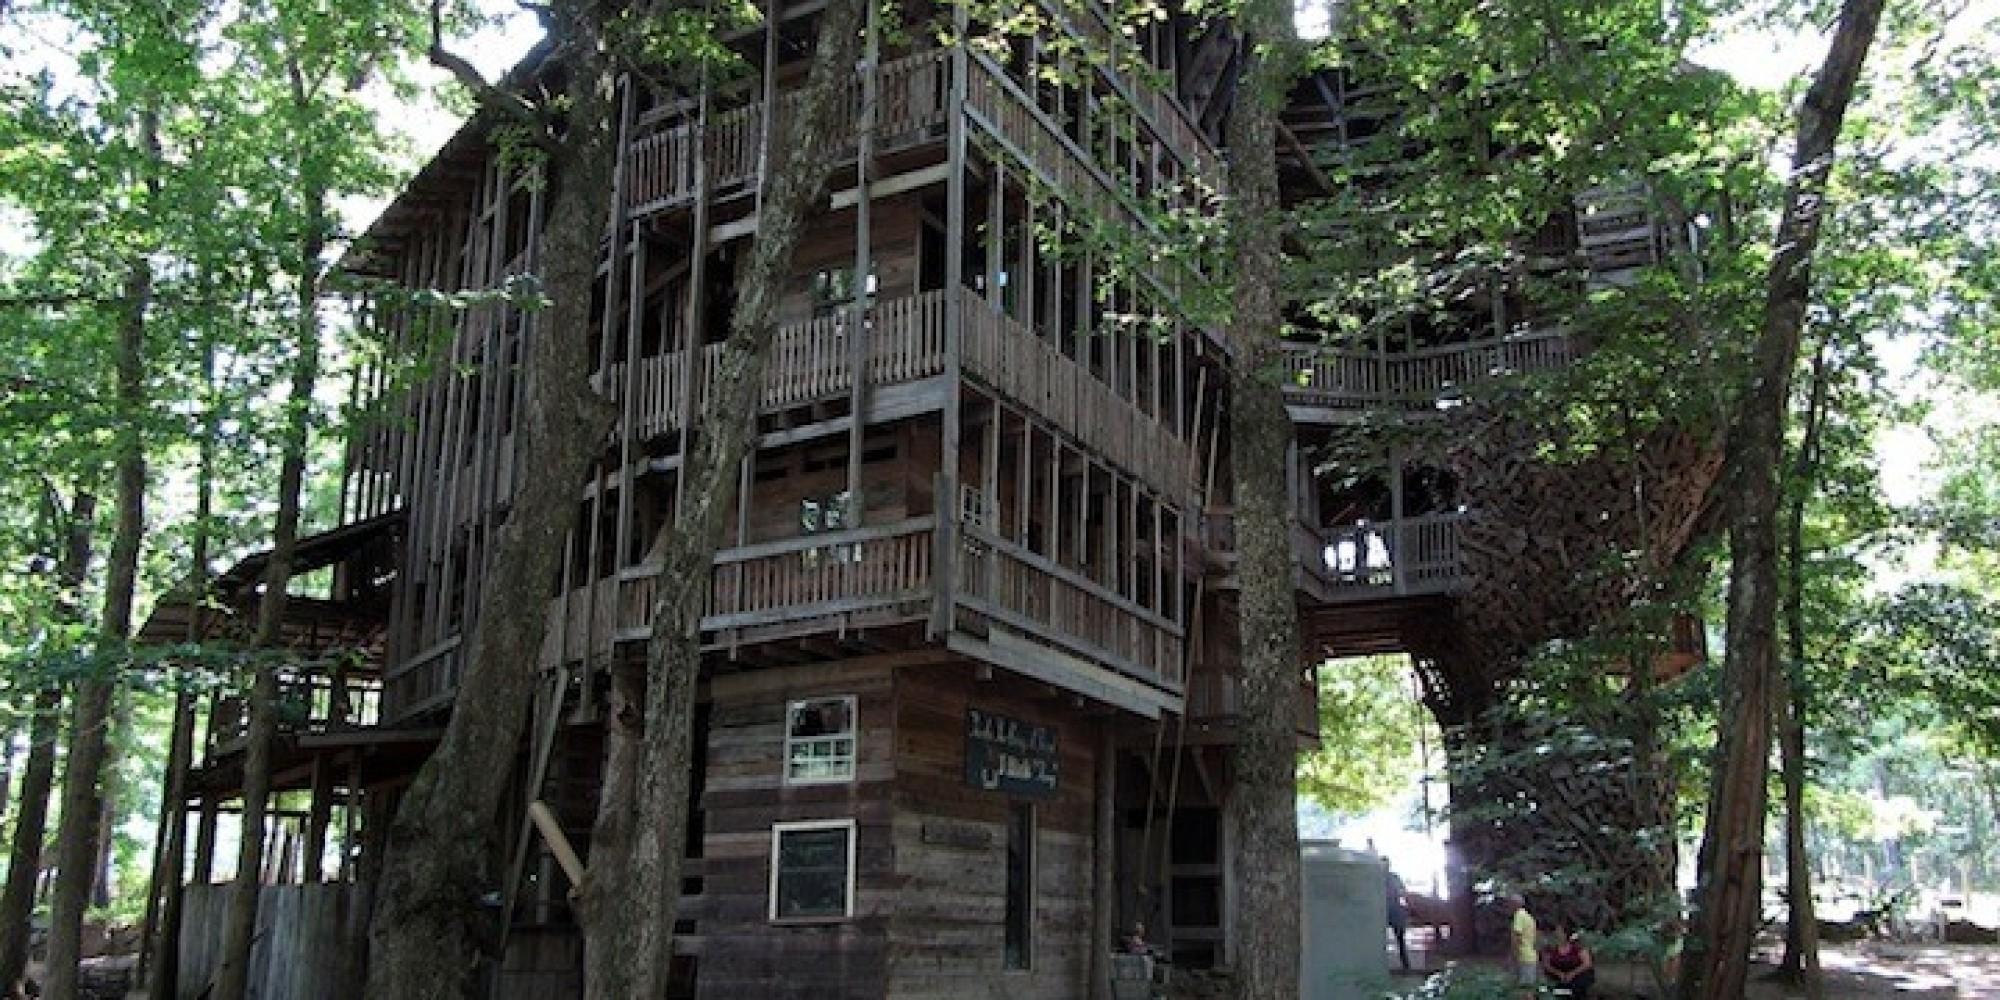 La pi grande casa sull 39 albero del mondo in tennessee - Casa sull albero minecraft ...